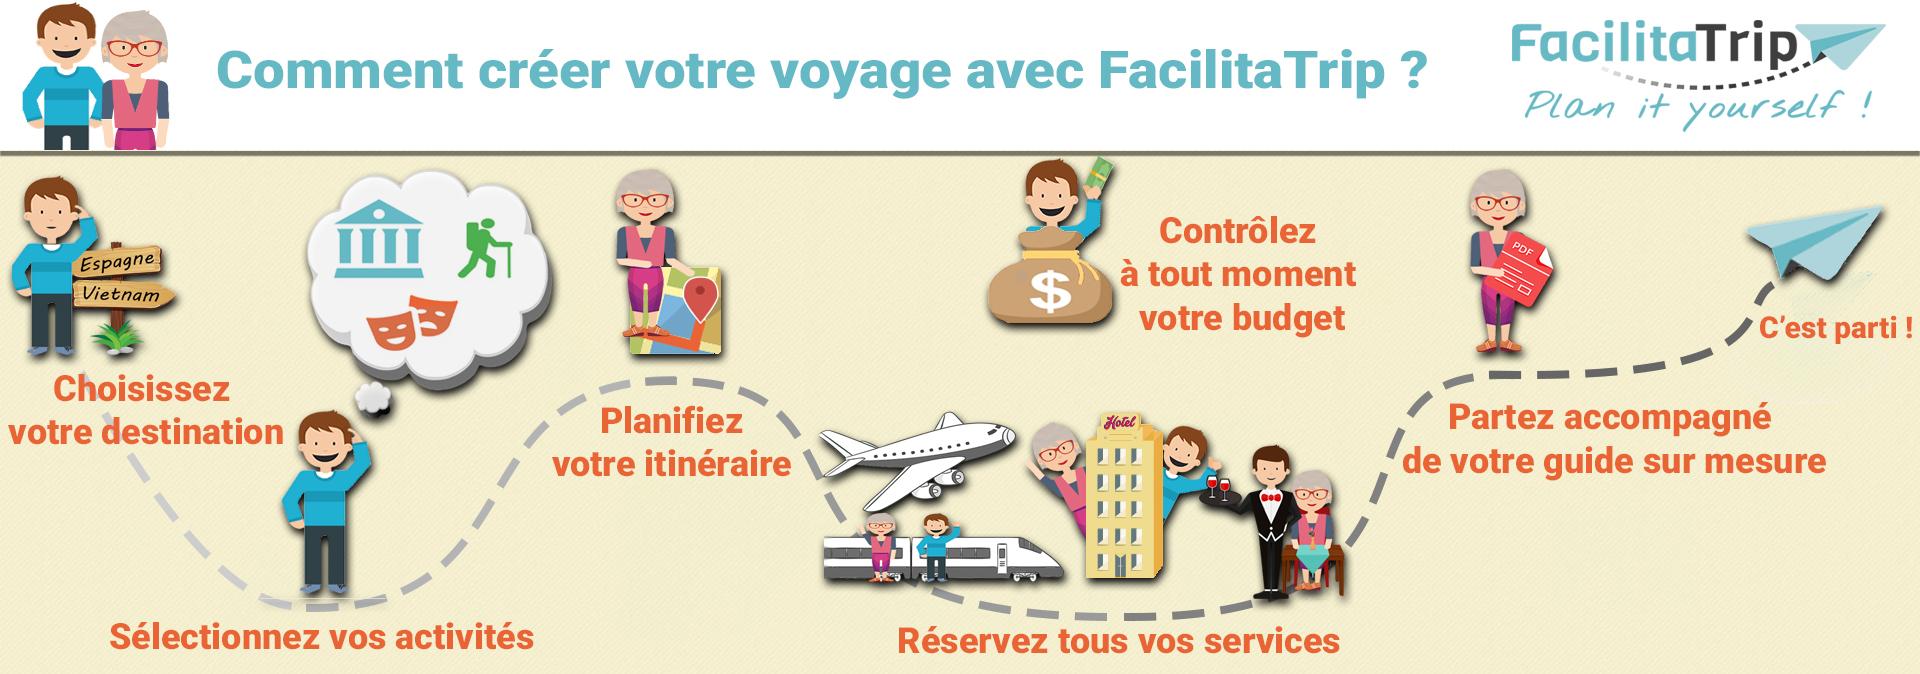 Infographie sur comment créer son voyage avec FacilitaTrip